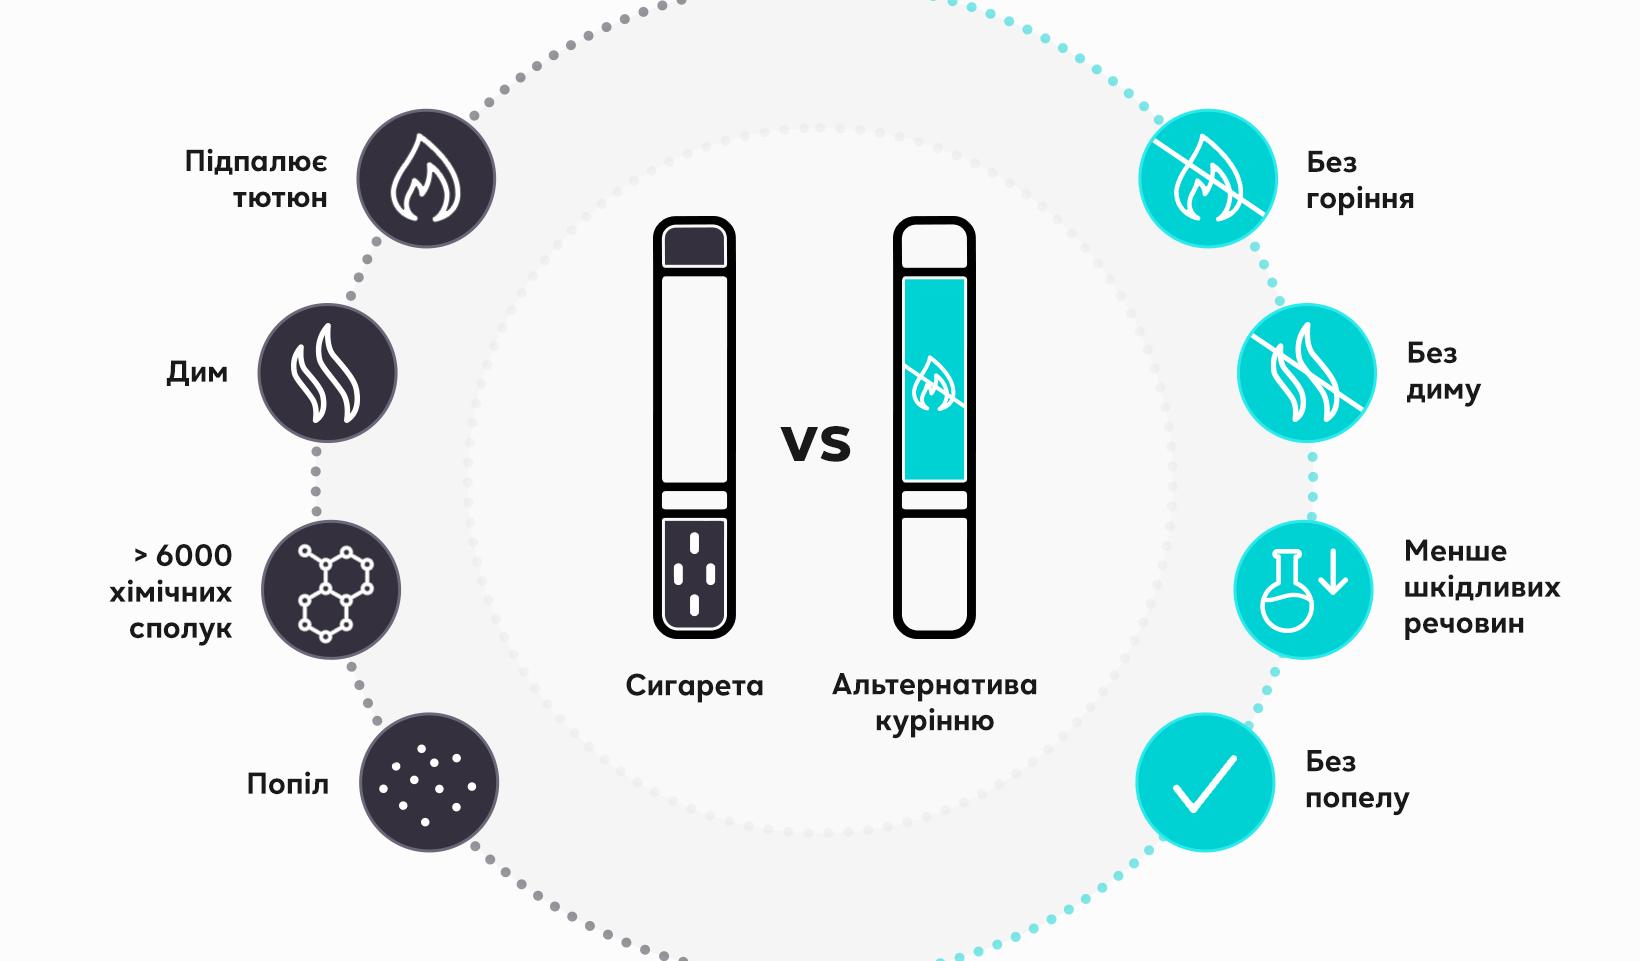 Інфографіка: різниця між сигаретою та IQOS